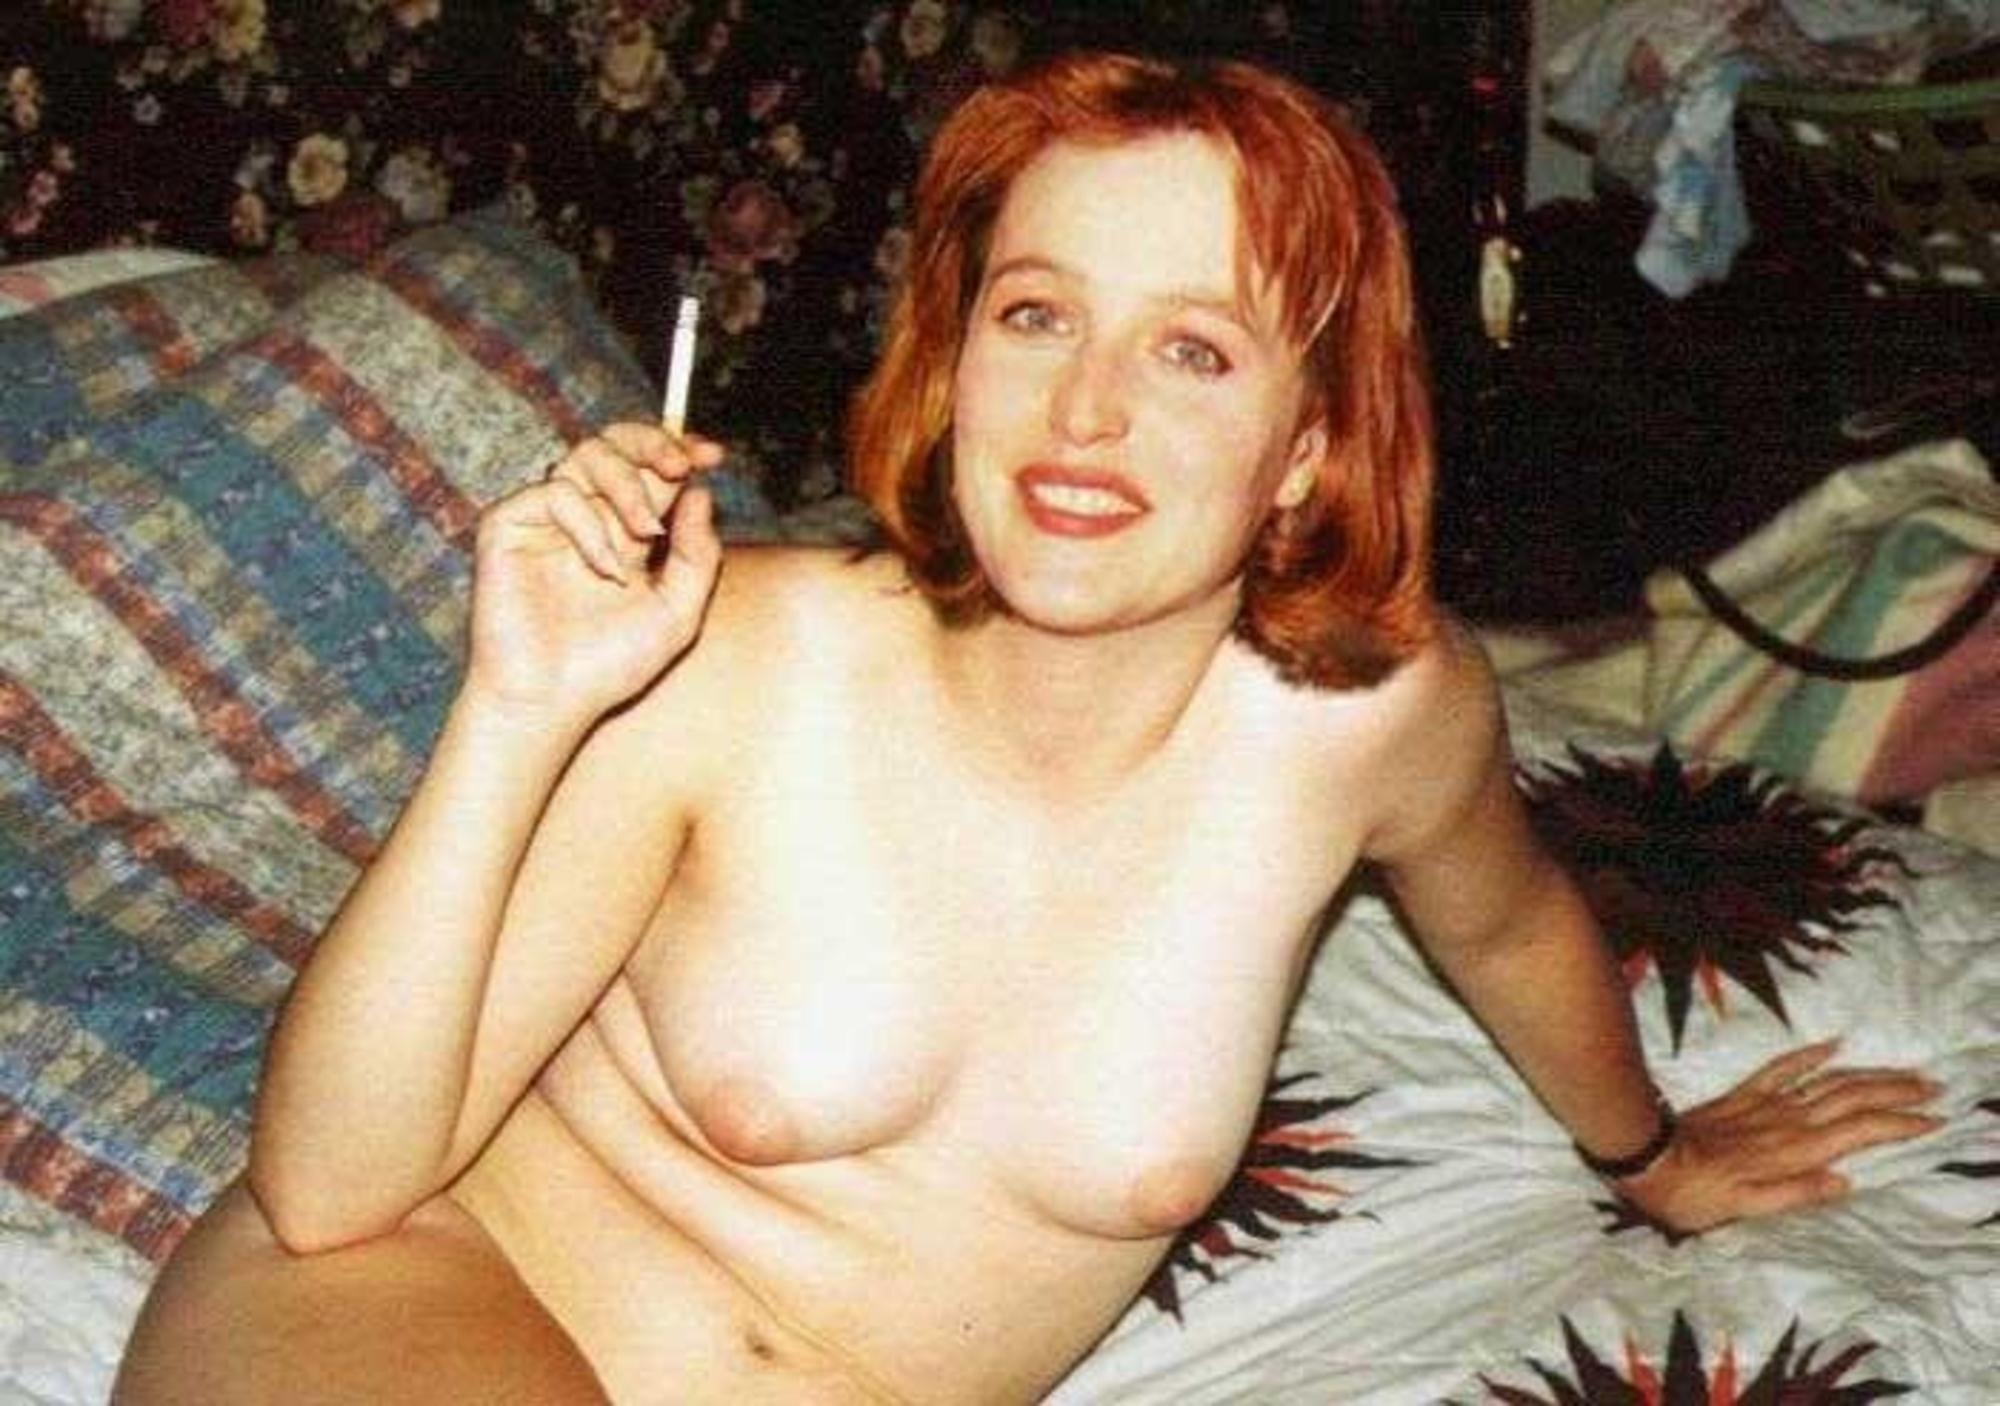 Посмотреть порно с джиллиан андерсон 19 фотография